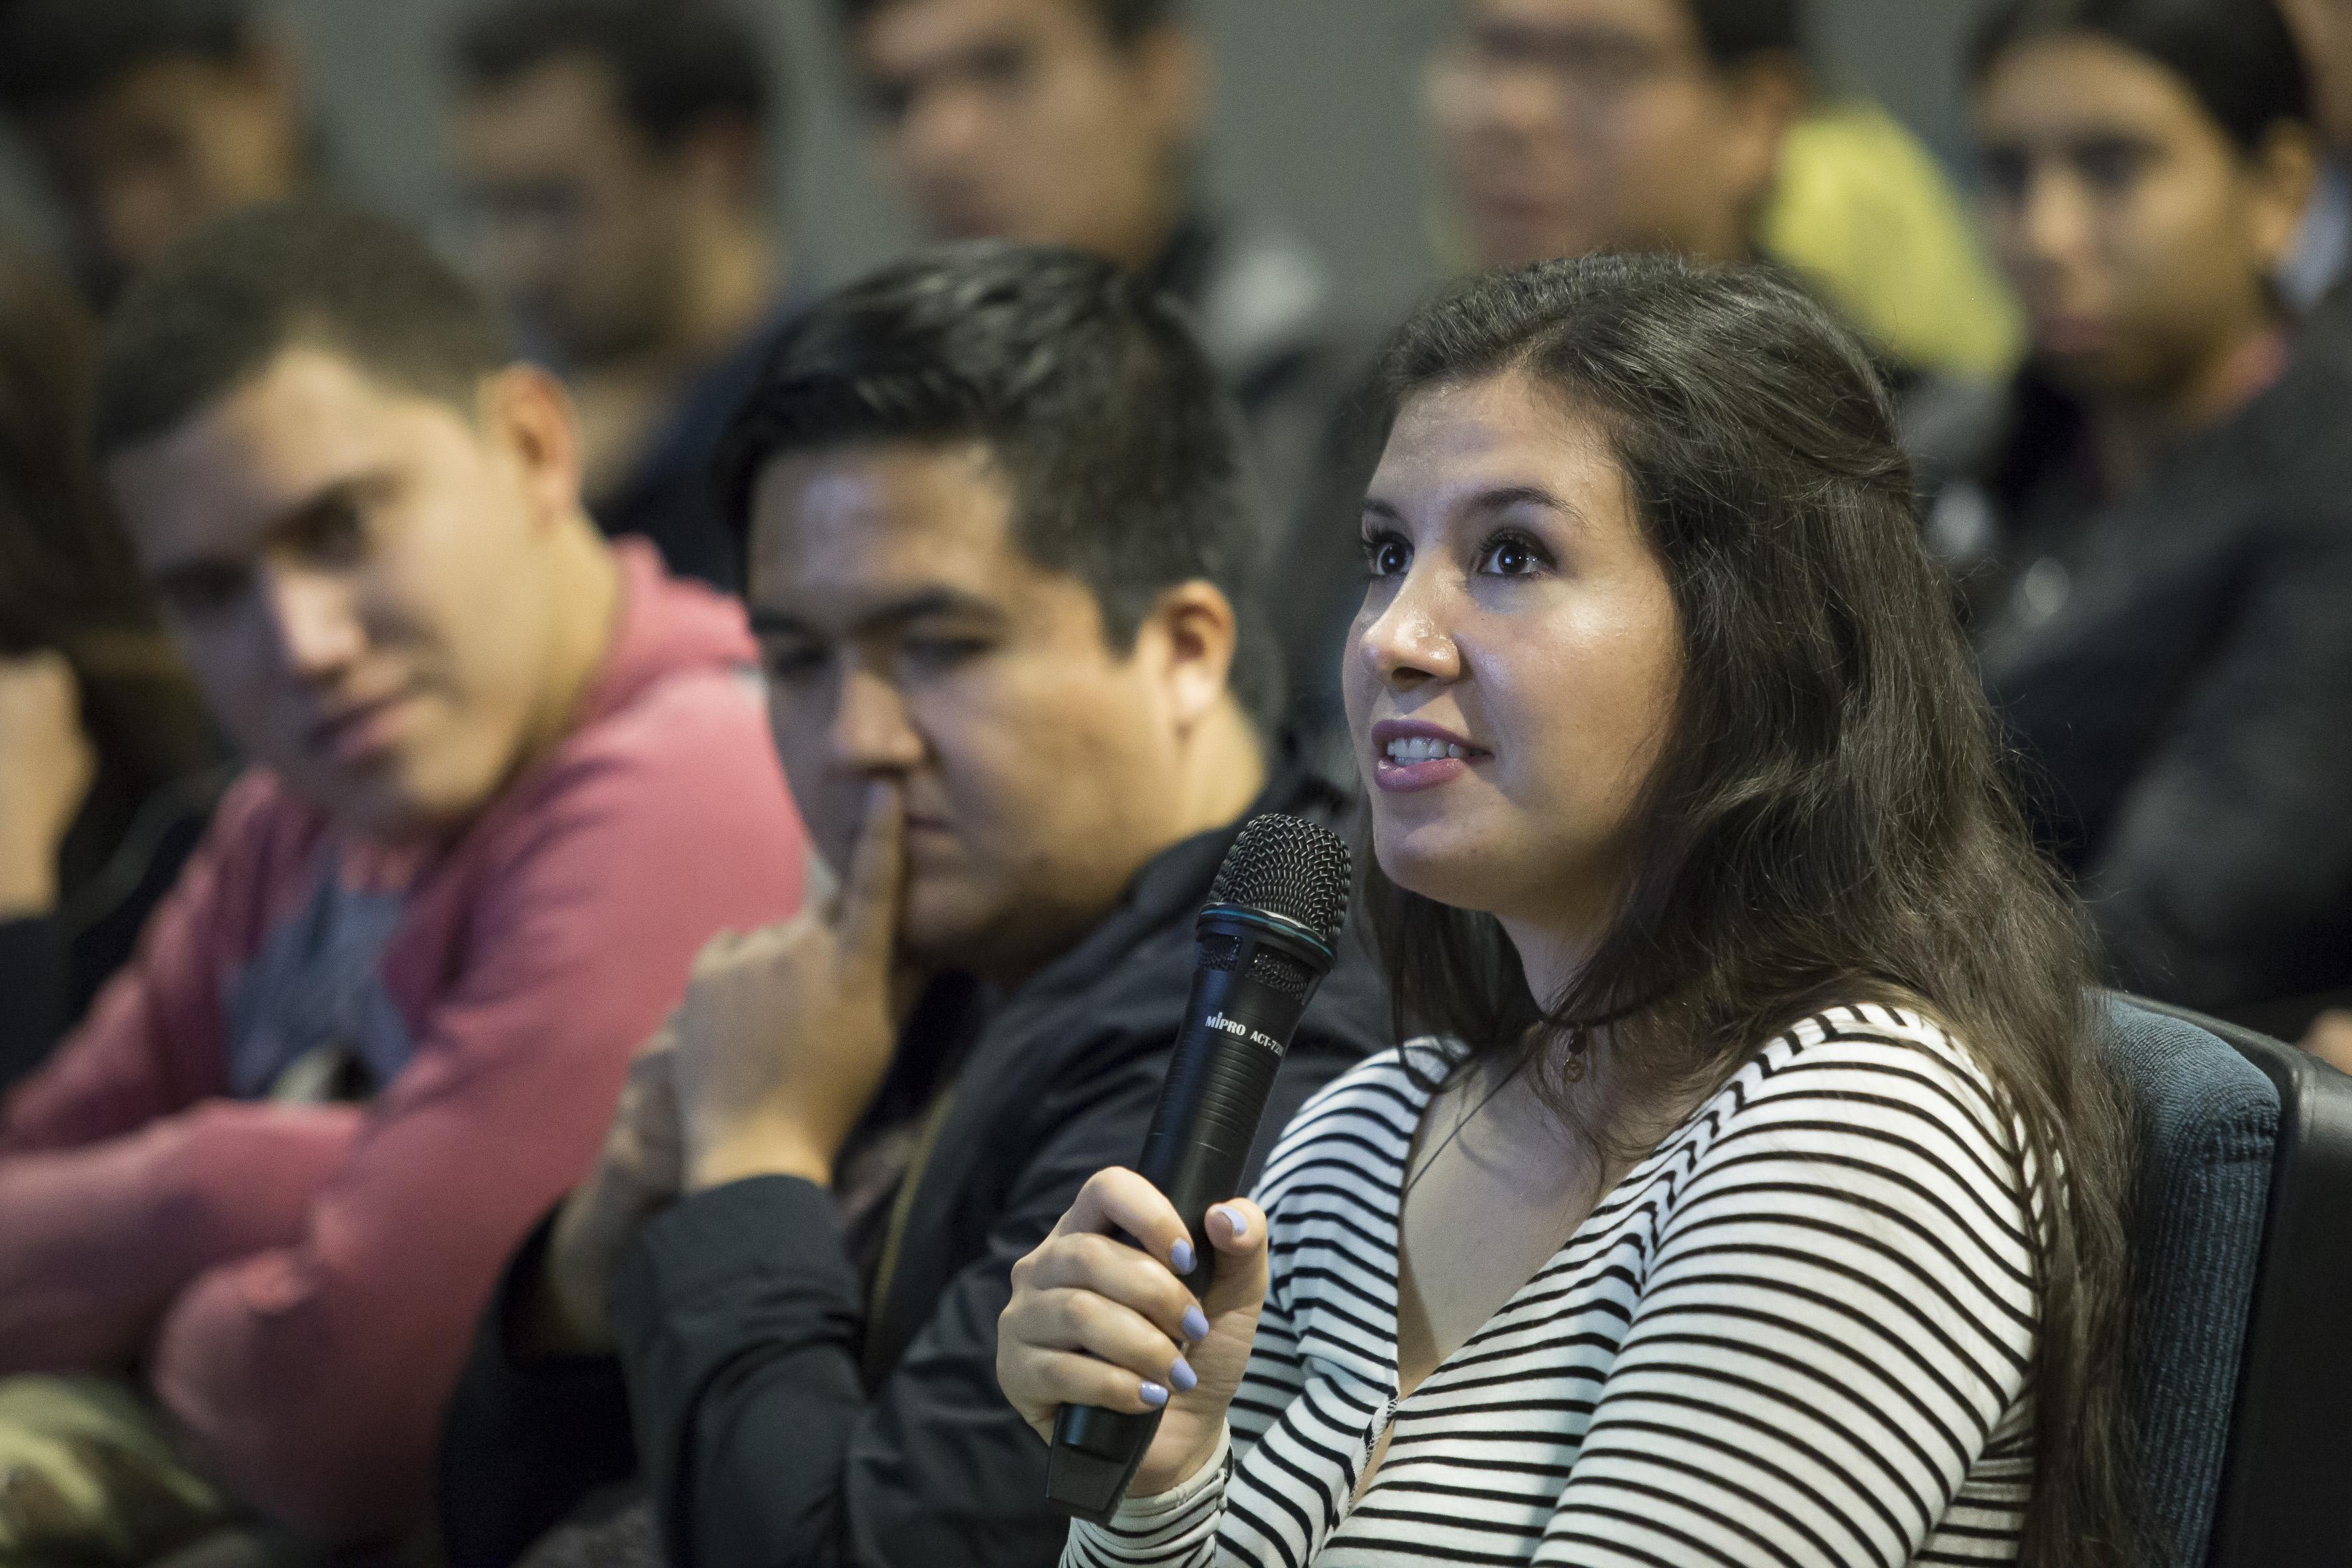 Jóven mujer estudiante, asistente a conferencia y con micrófono en mano, haciendo uso de la palabra.